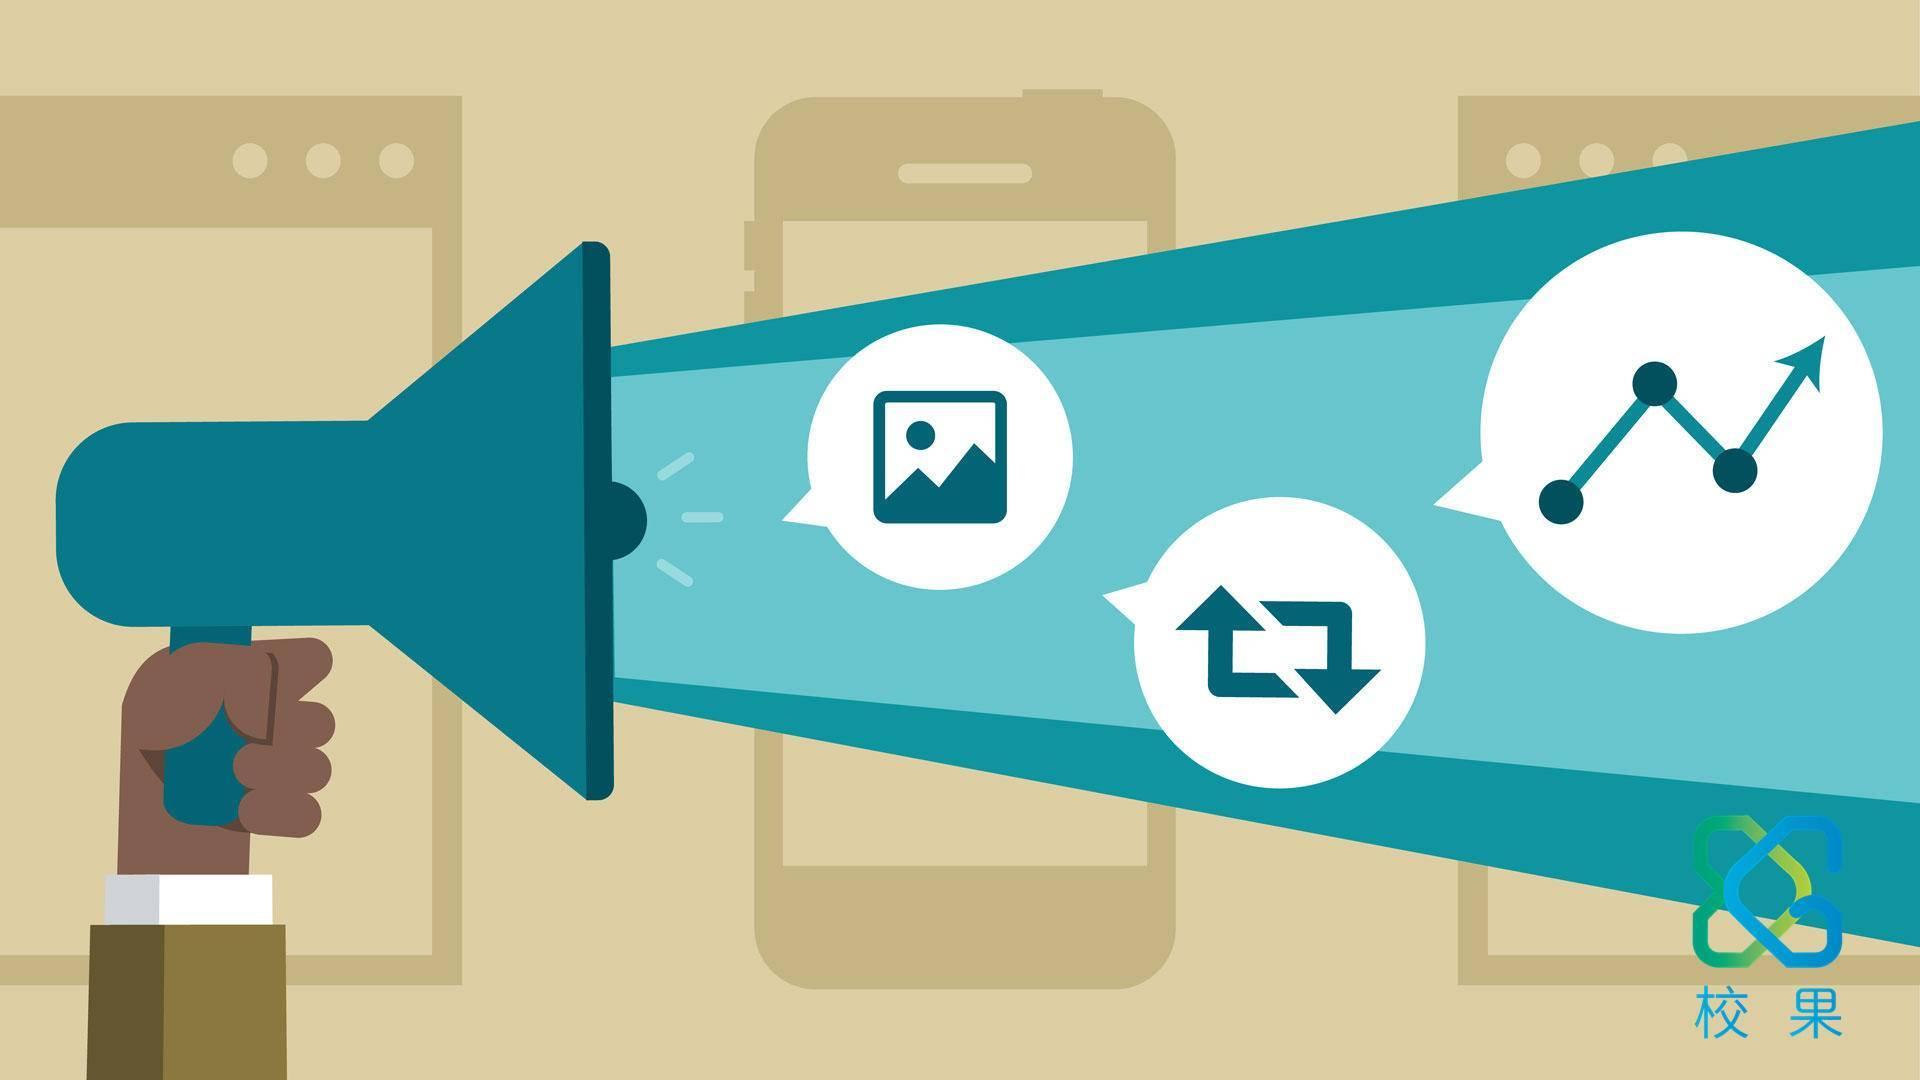 企业品牌营销策划应该怎么做呢